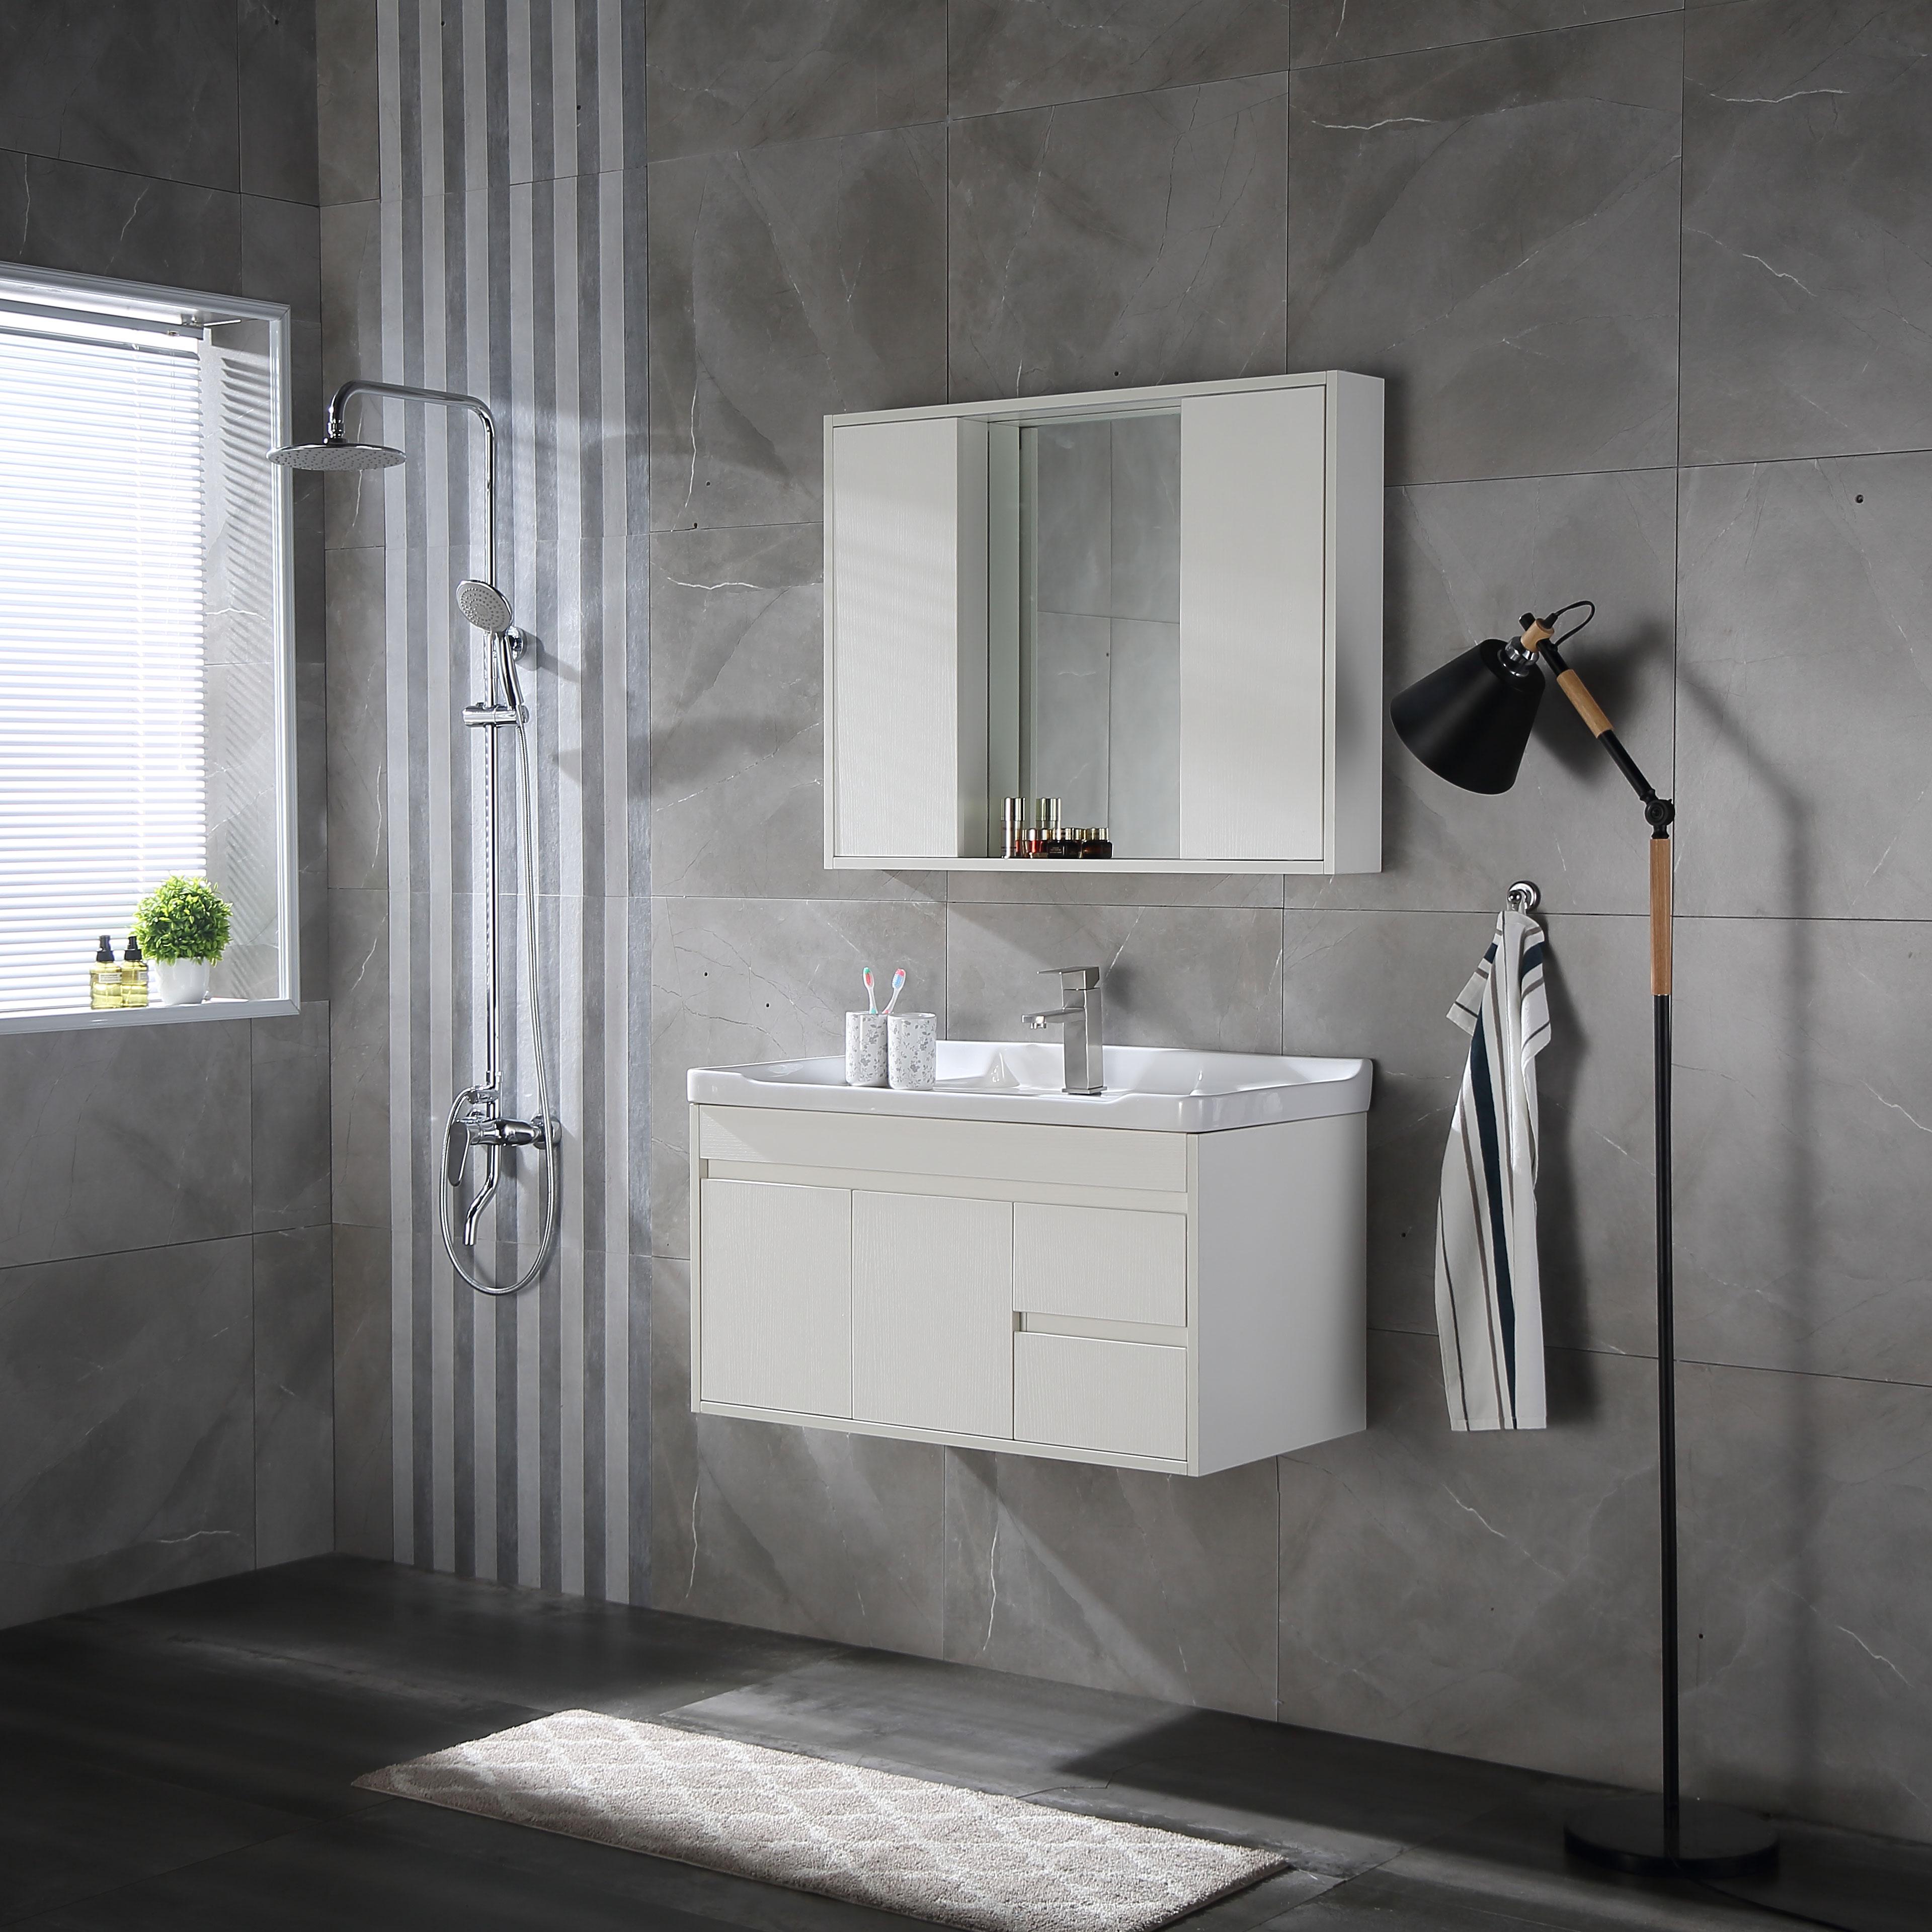 维佰得简约浴室柜组合隐藏风水镜柜热销2件正品保证